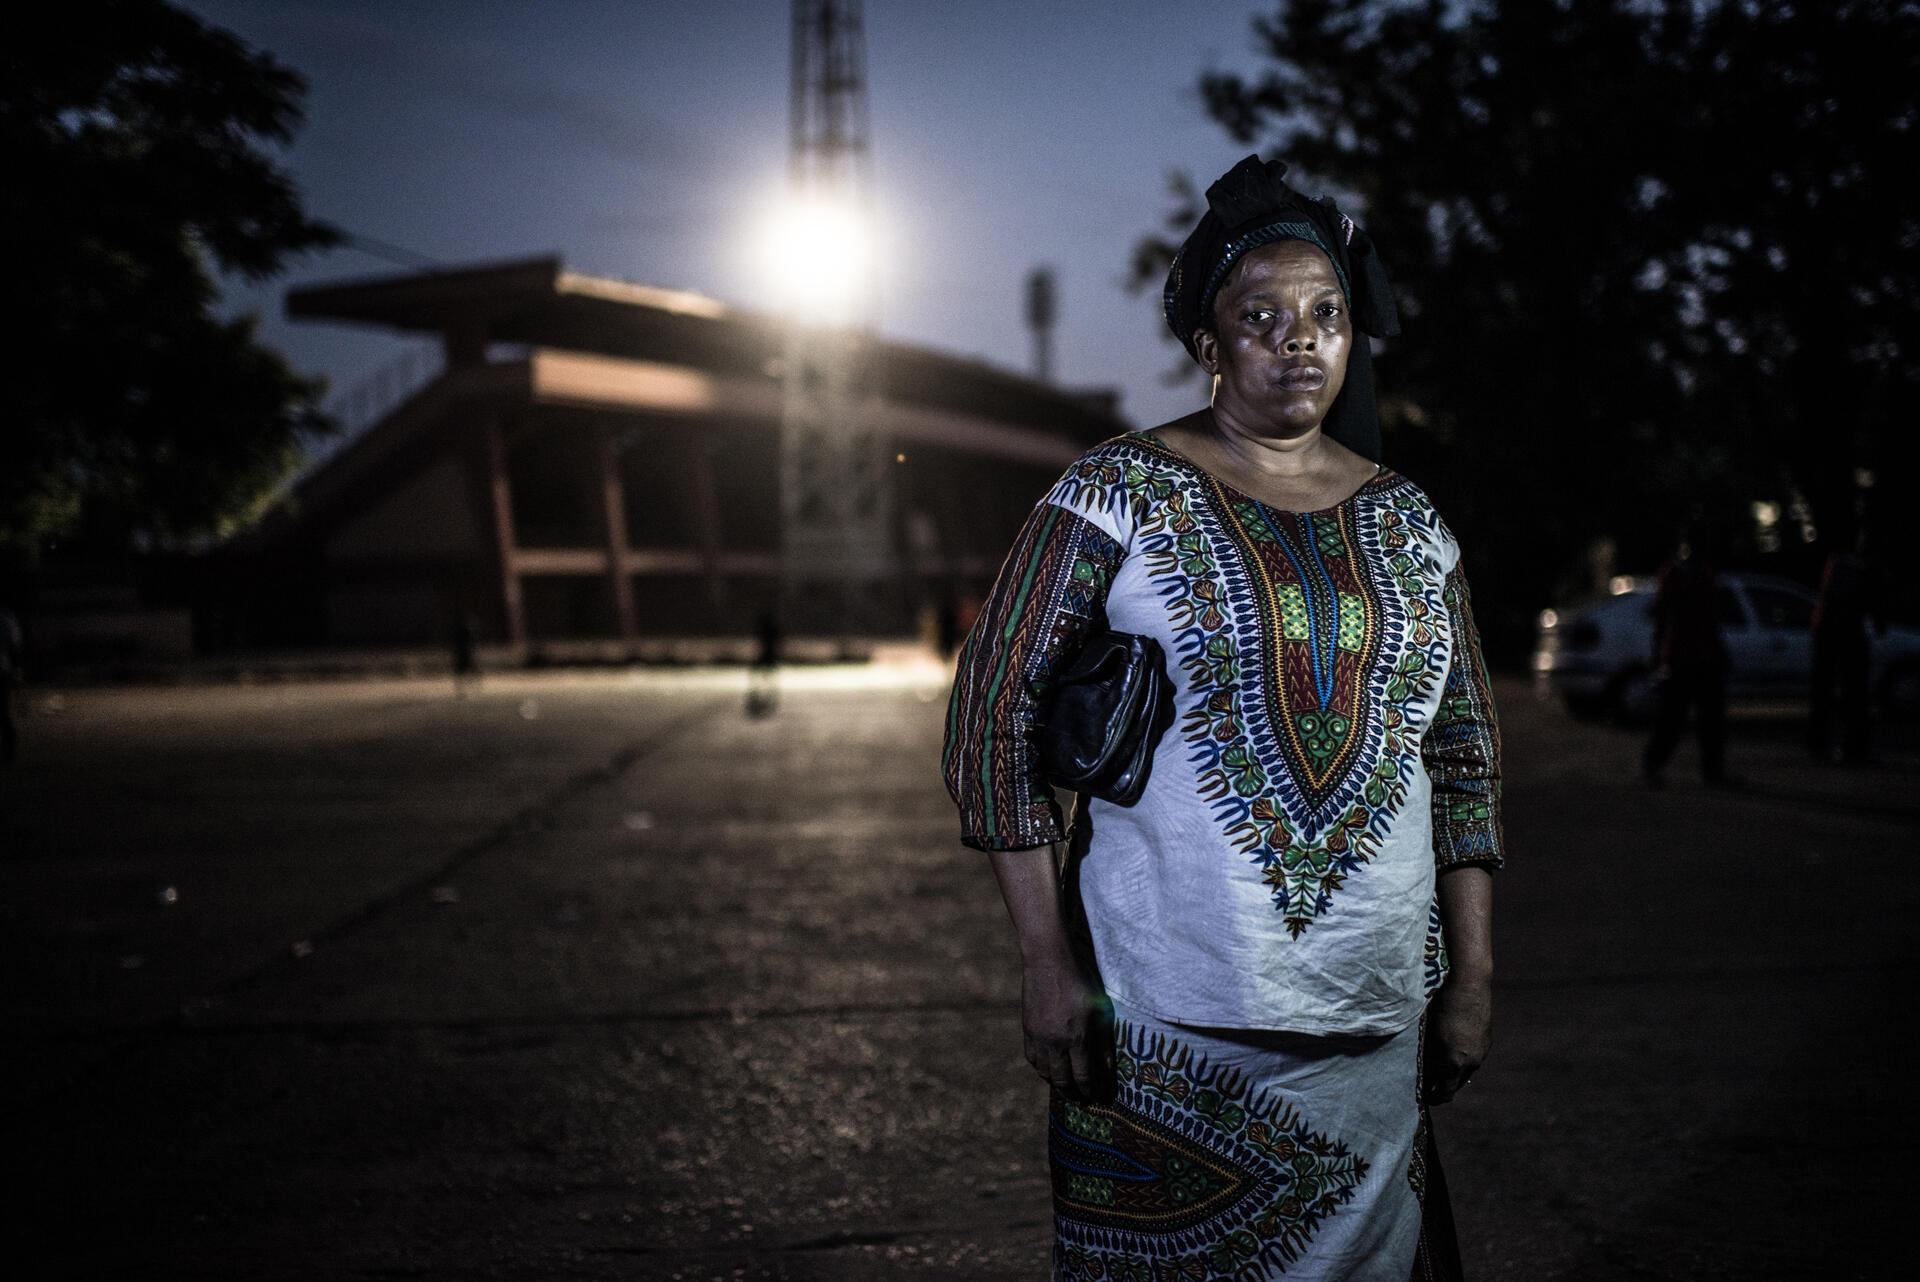 Aissatou Lamarana Barry, à l'extérieur du stade national où elle a été violée par des membres des forces de sécurité, le 28 septembre 2006.